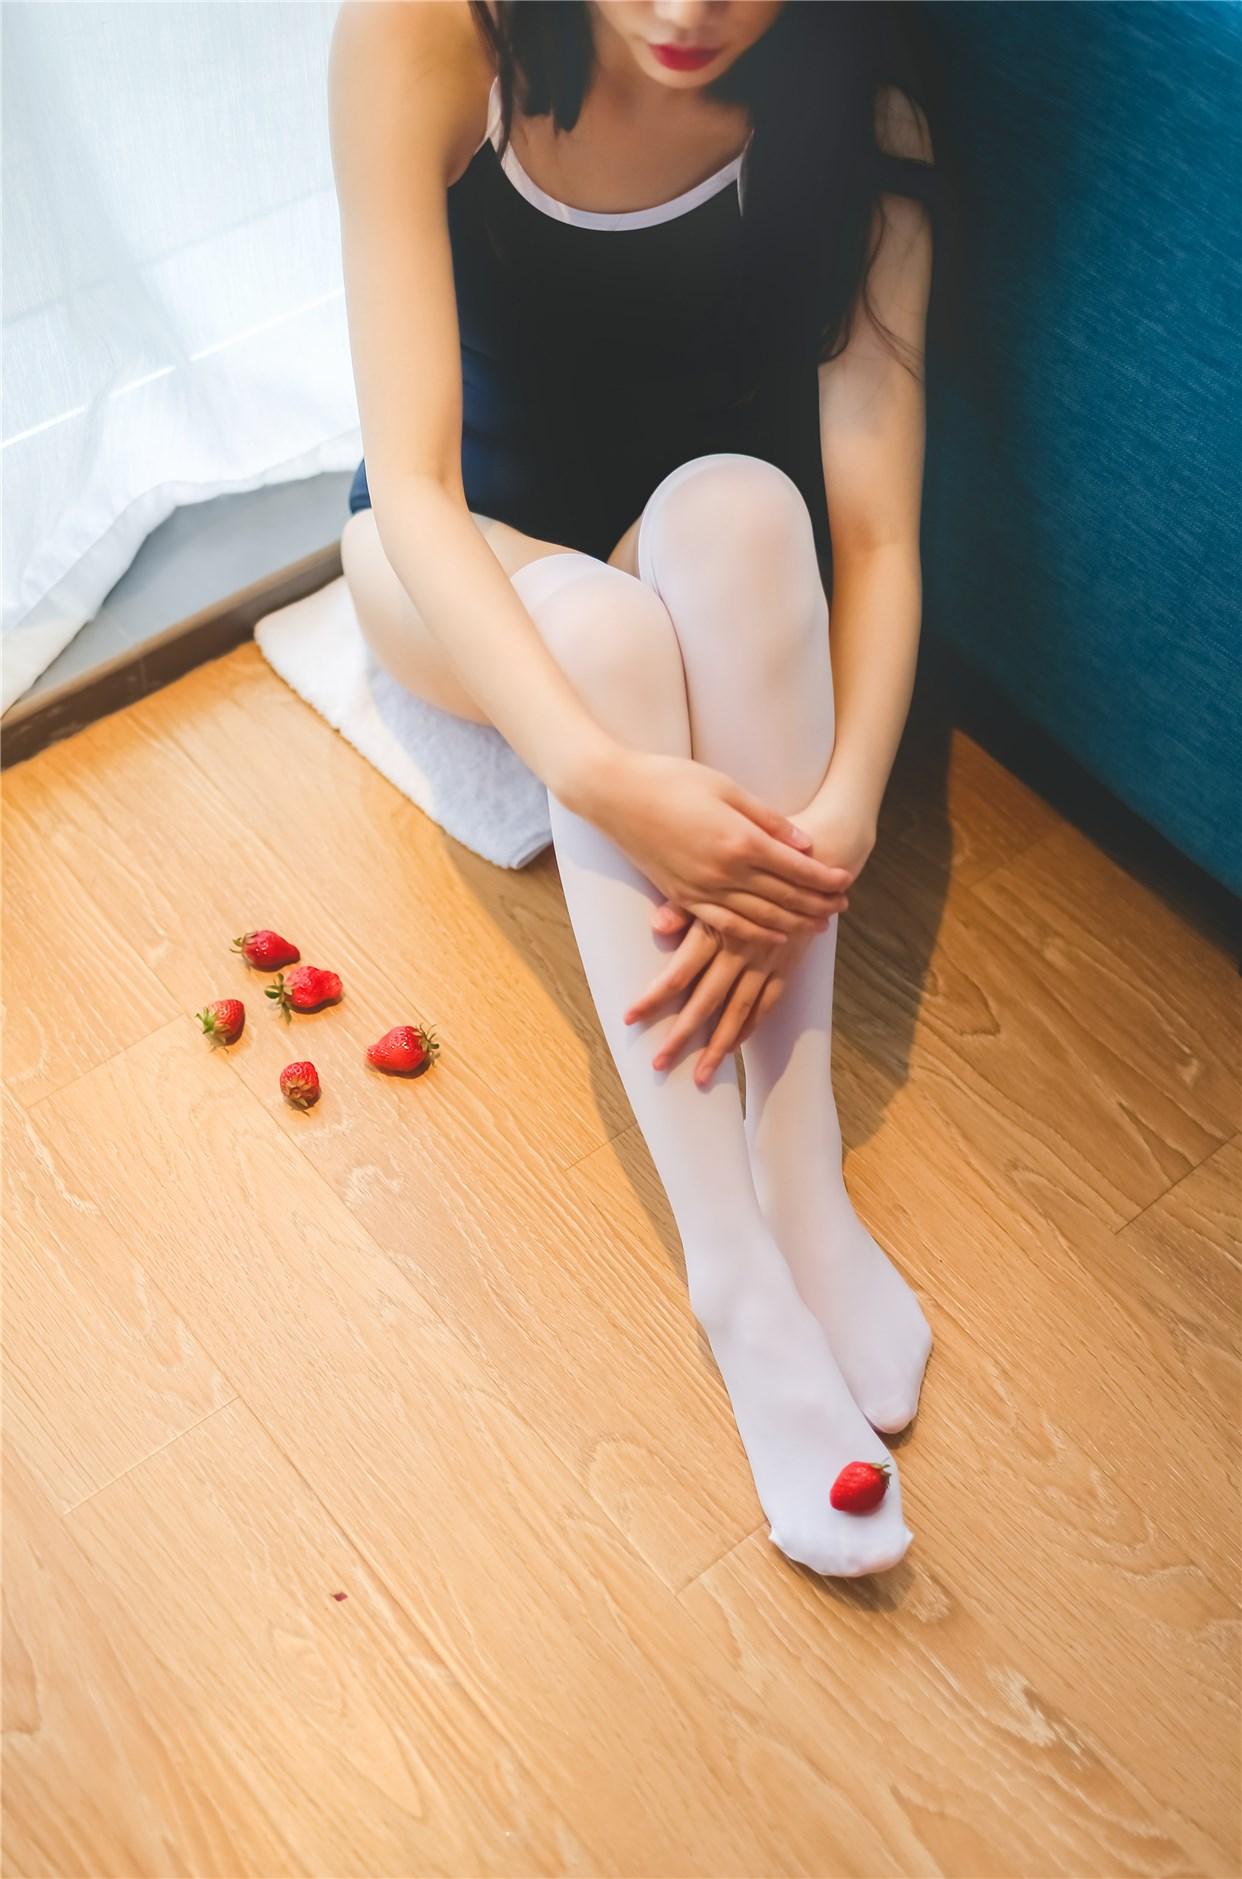 【兔玩映画】草莓,牛奶,死库水 兔玩映画 第25张